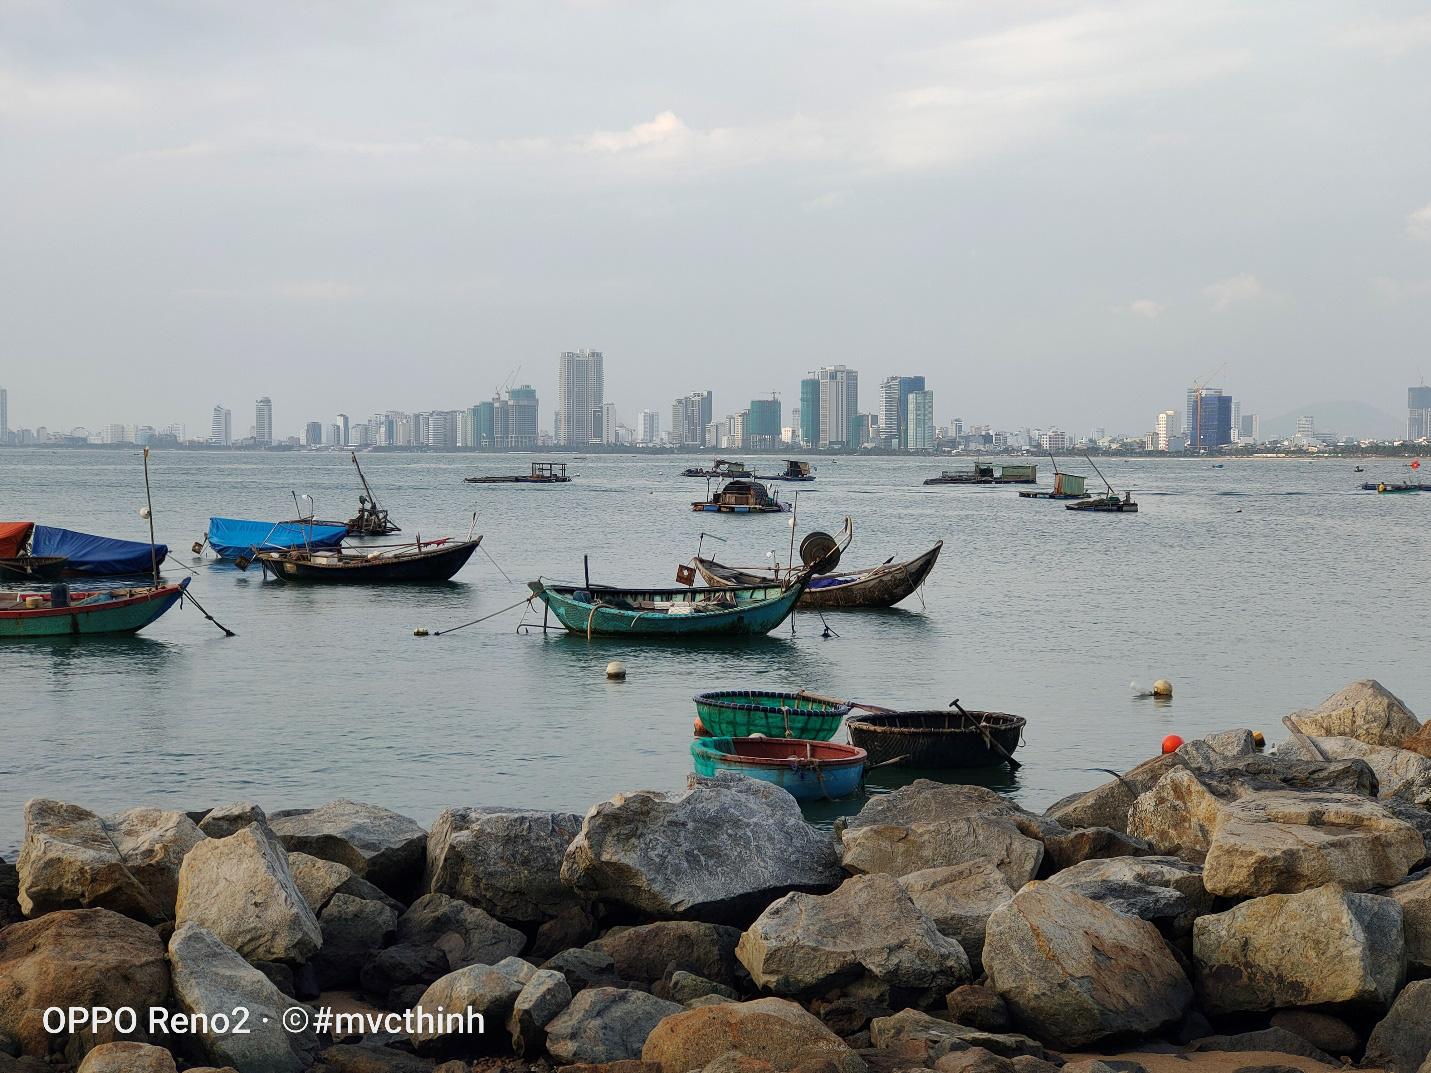 Phá đảo thành phố biển xinh đẹp Đà Nẵng chỉ với lịch trình một ngày - Ảnh 2.